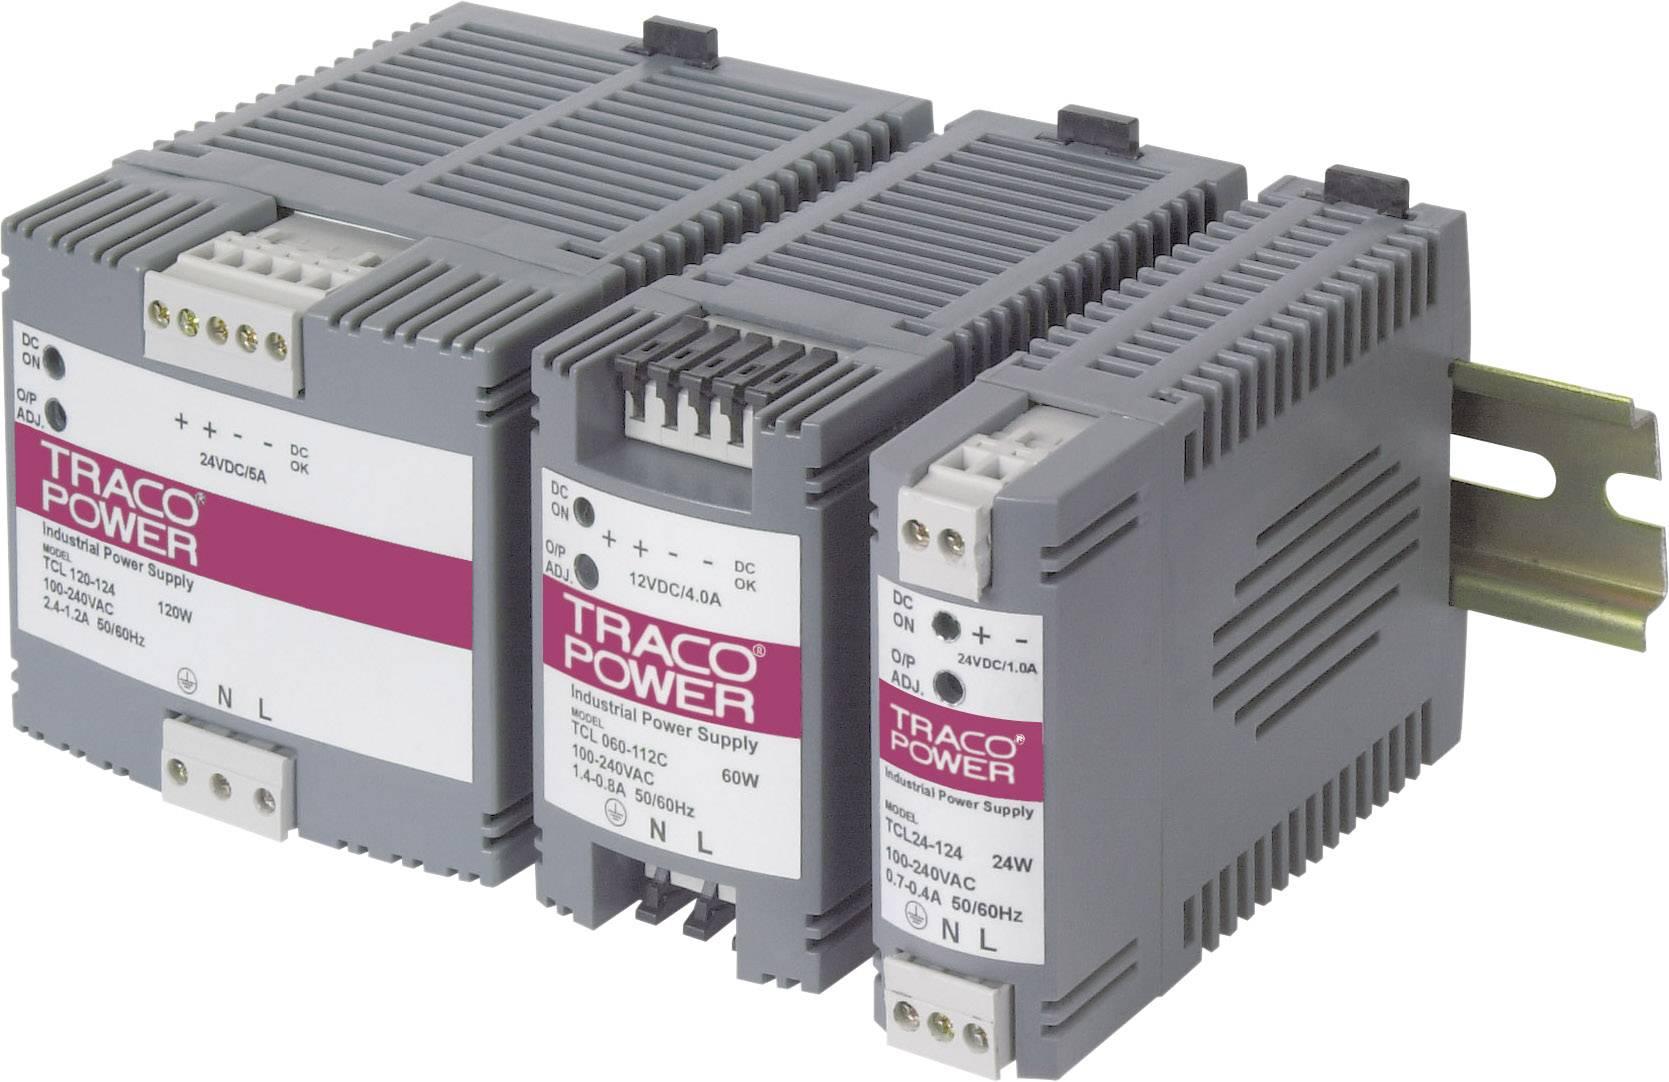 Sieťový zdroj na montážnu lištu (DIN lištu) TracoPower TCL 120-112C, 1 x, 12 V/DC, 8 A, 120 W